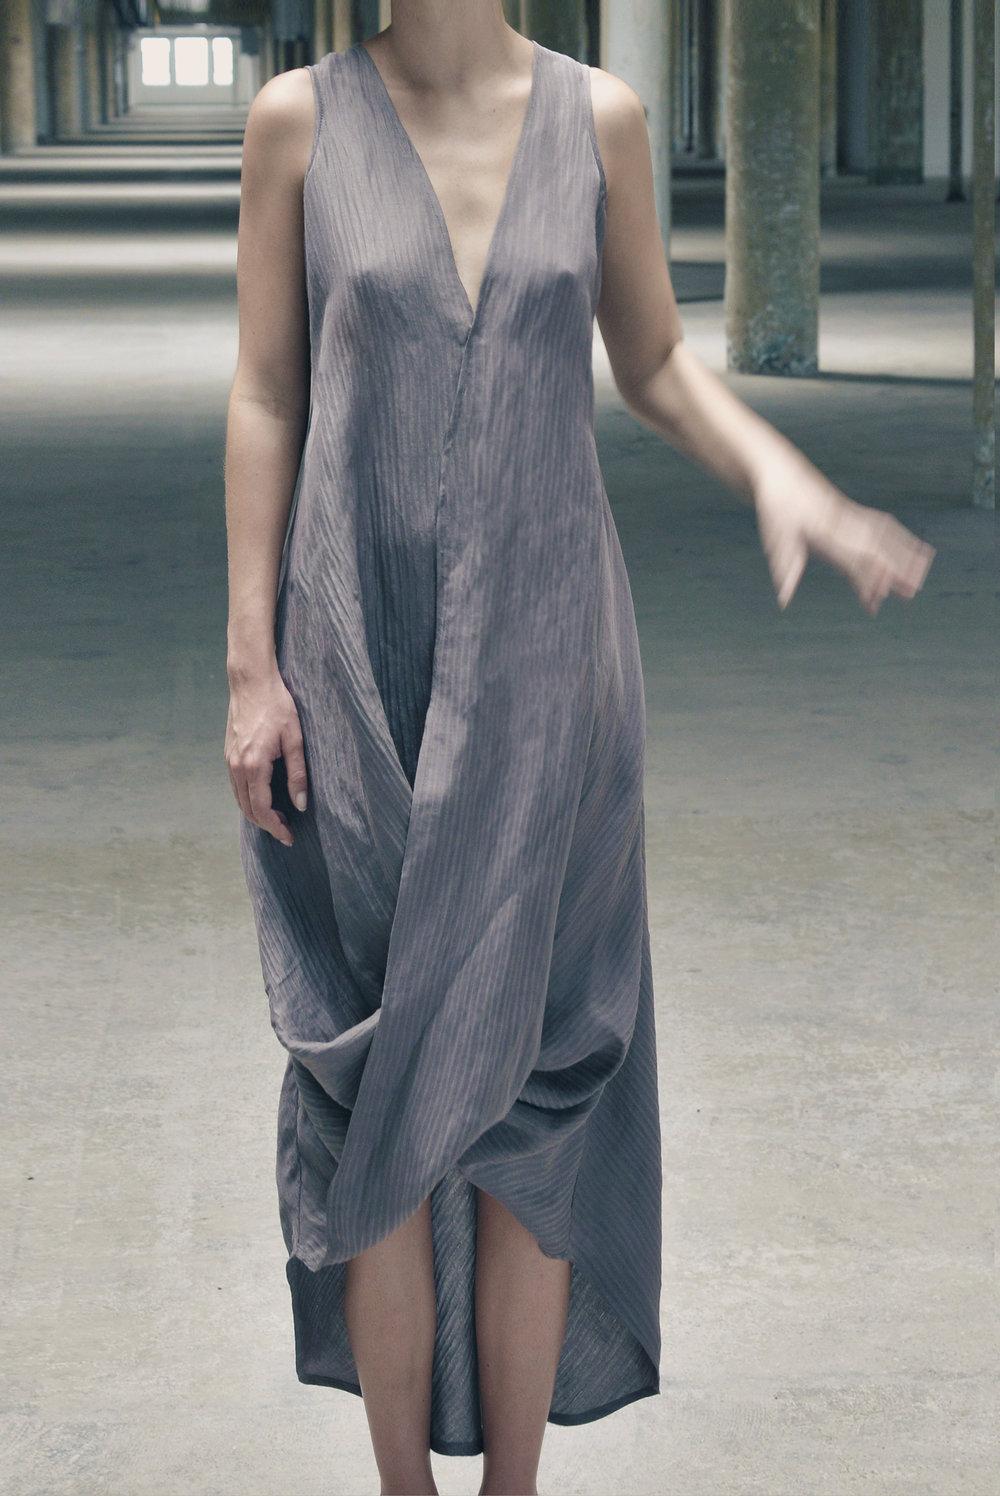 dress3 b.jpg